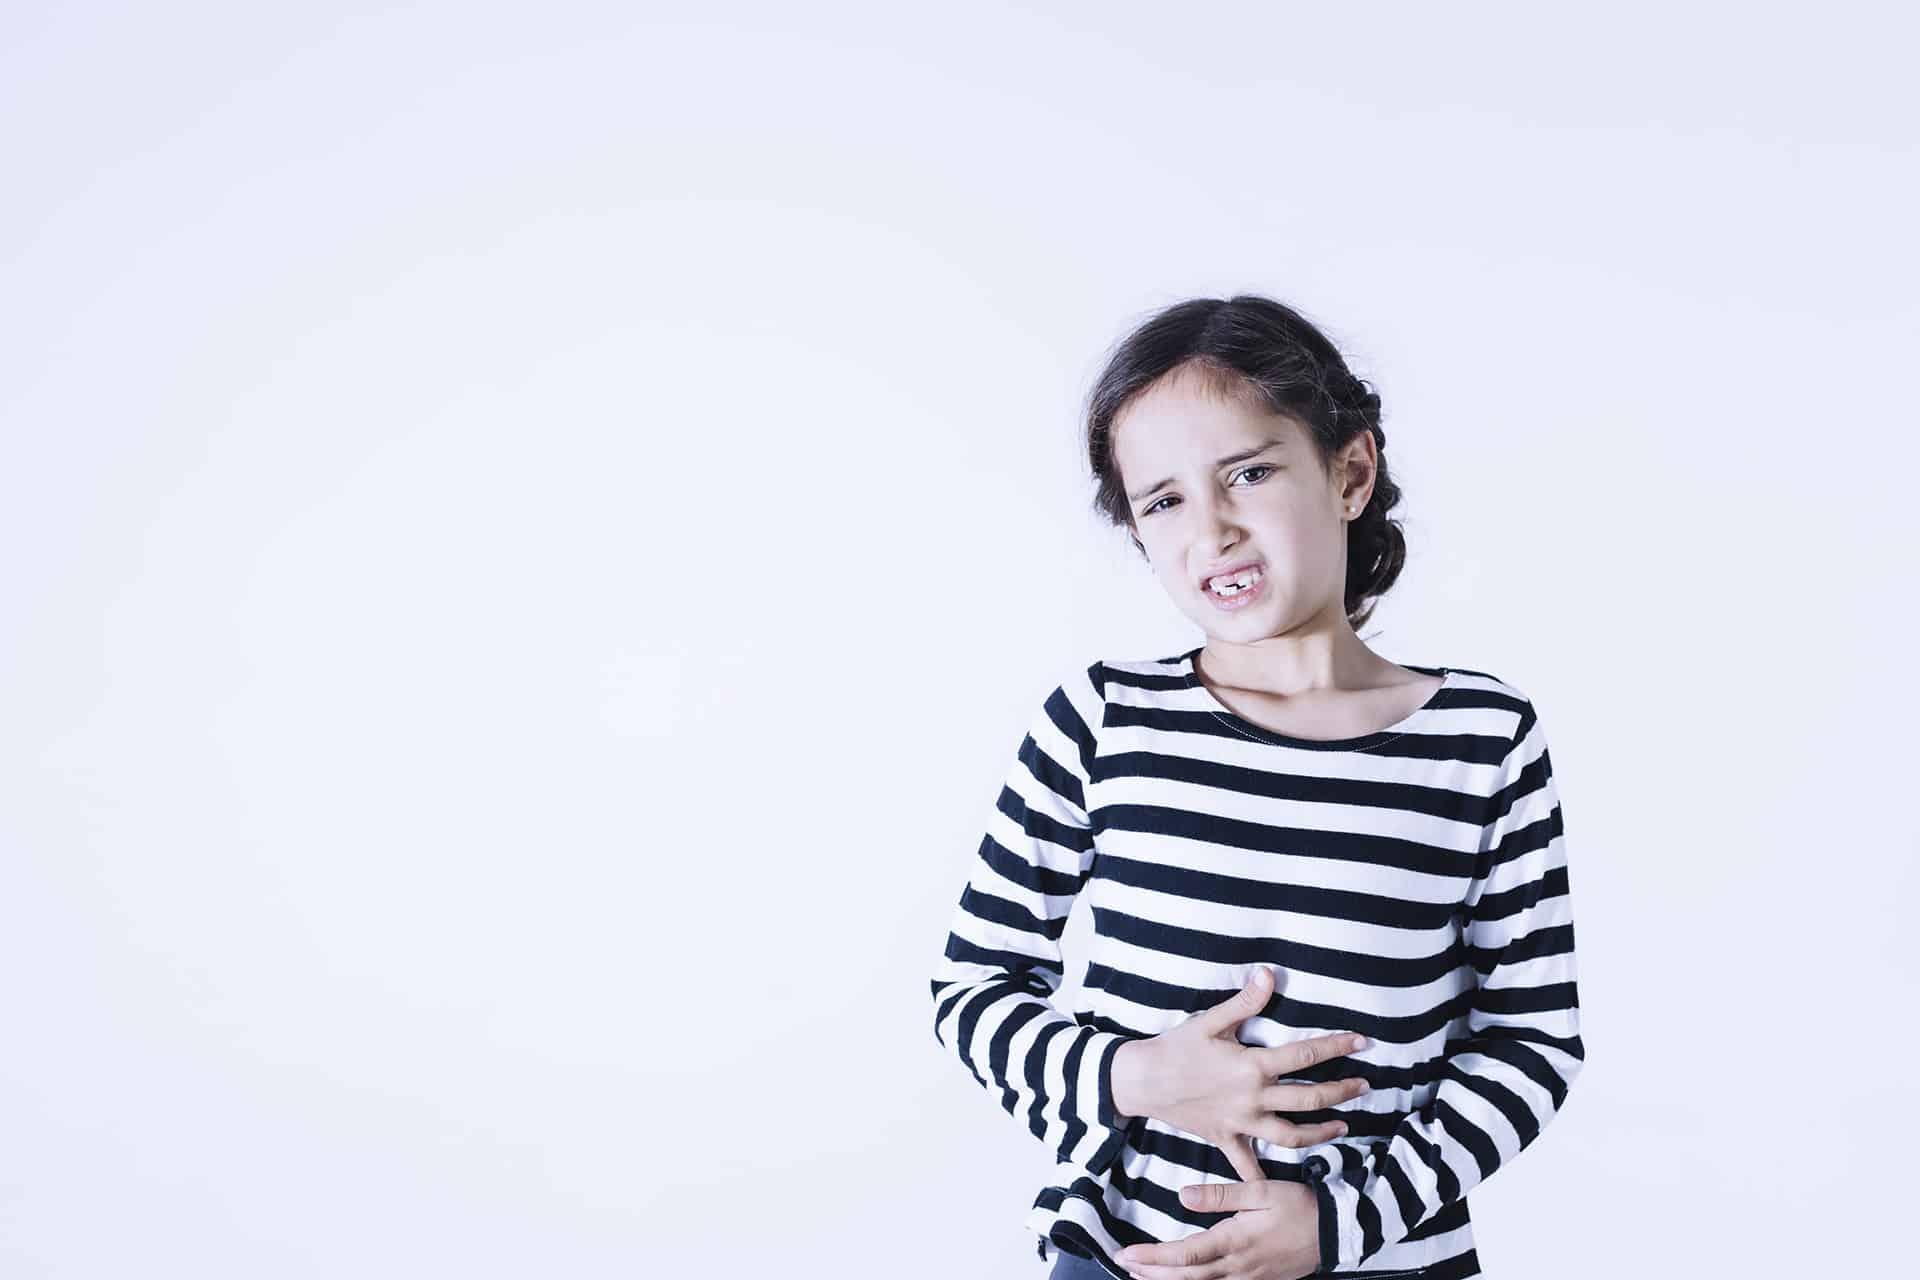 Bambina con dolore allo stomaco e mal di pancia